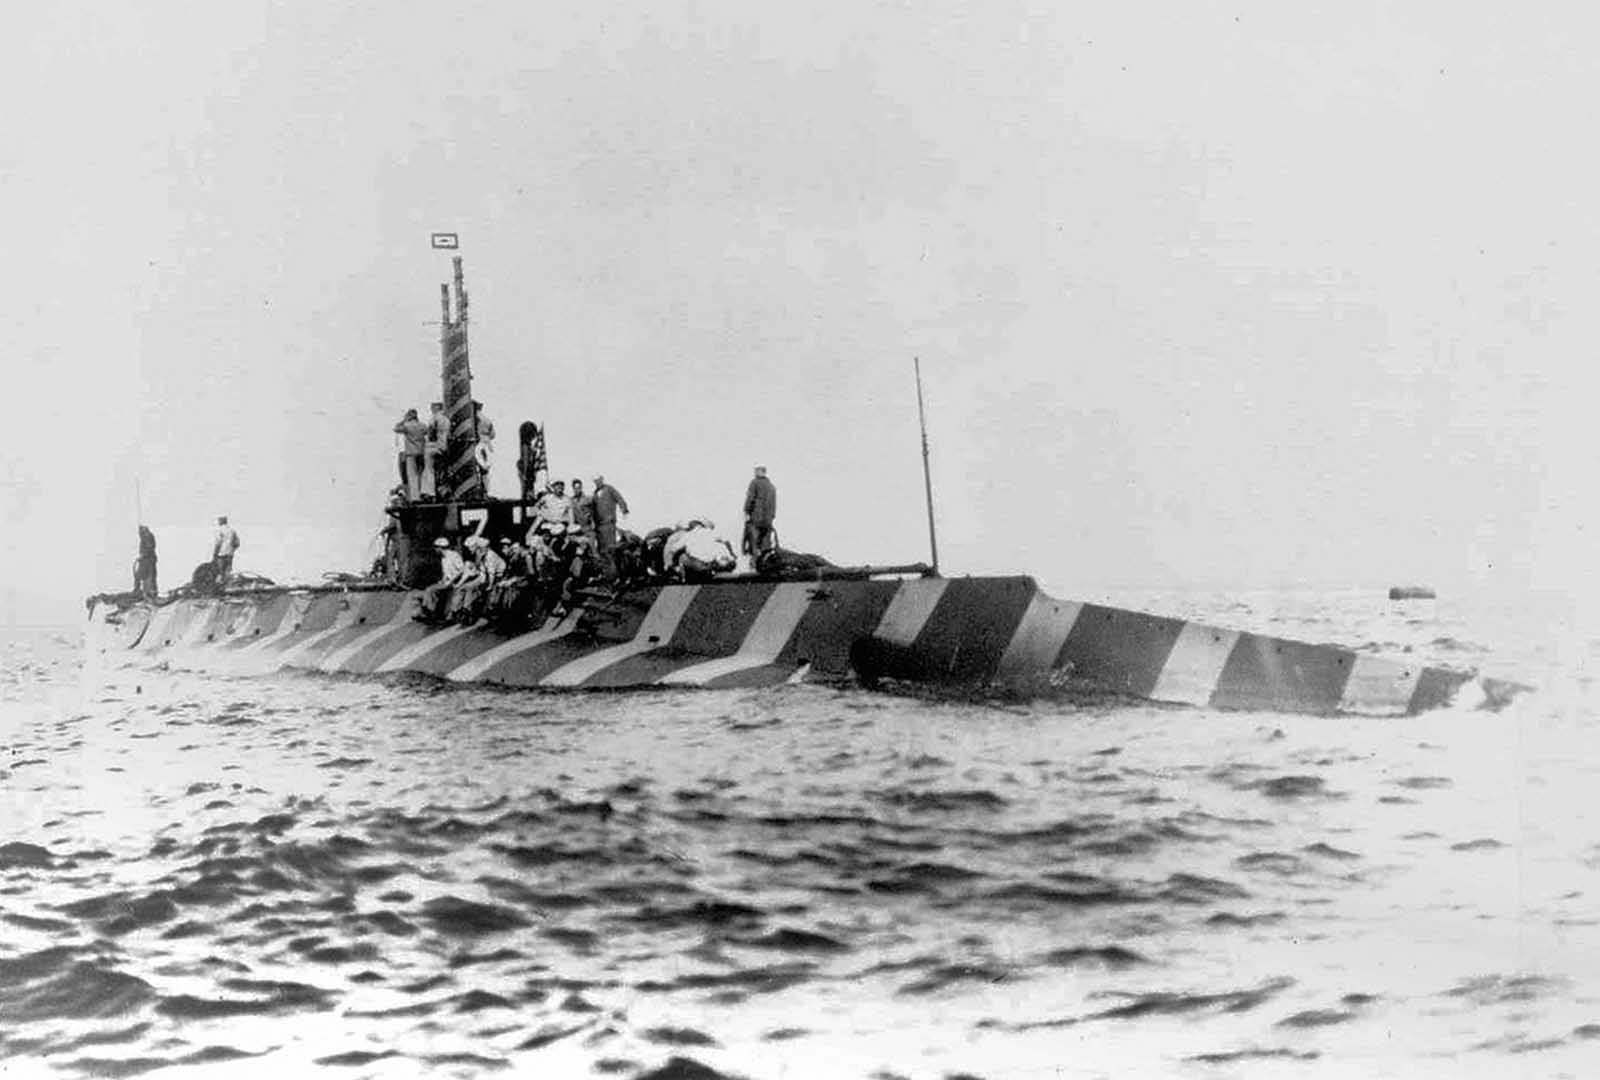 Az álcázott USS K-2 (SS-33), egy K-osztályú tengeralattjáró, a floridai Pensacola partján, 1916. április 12-én.